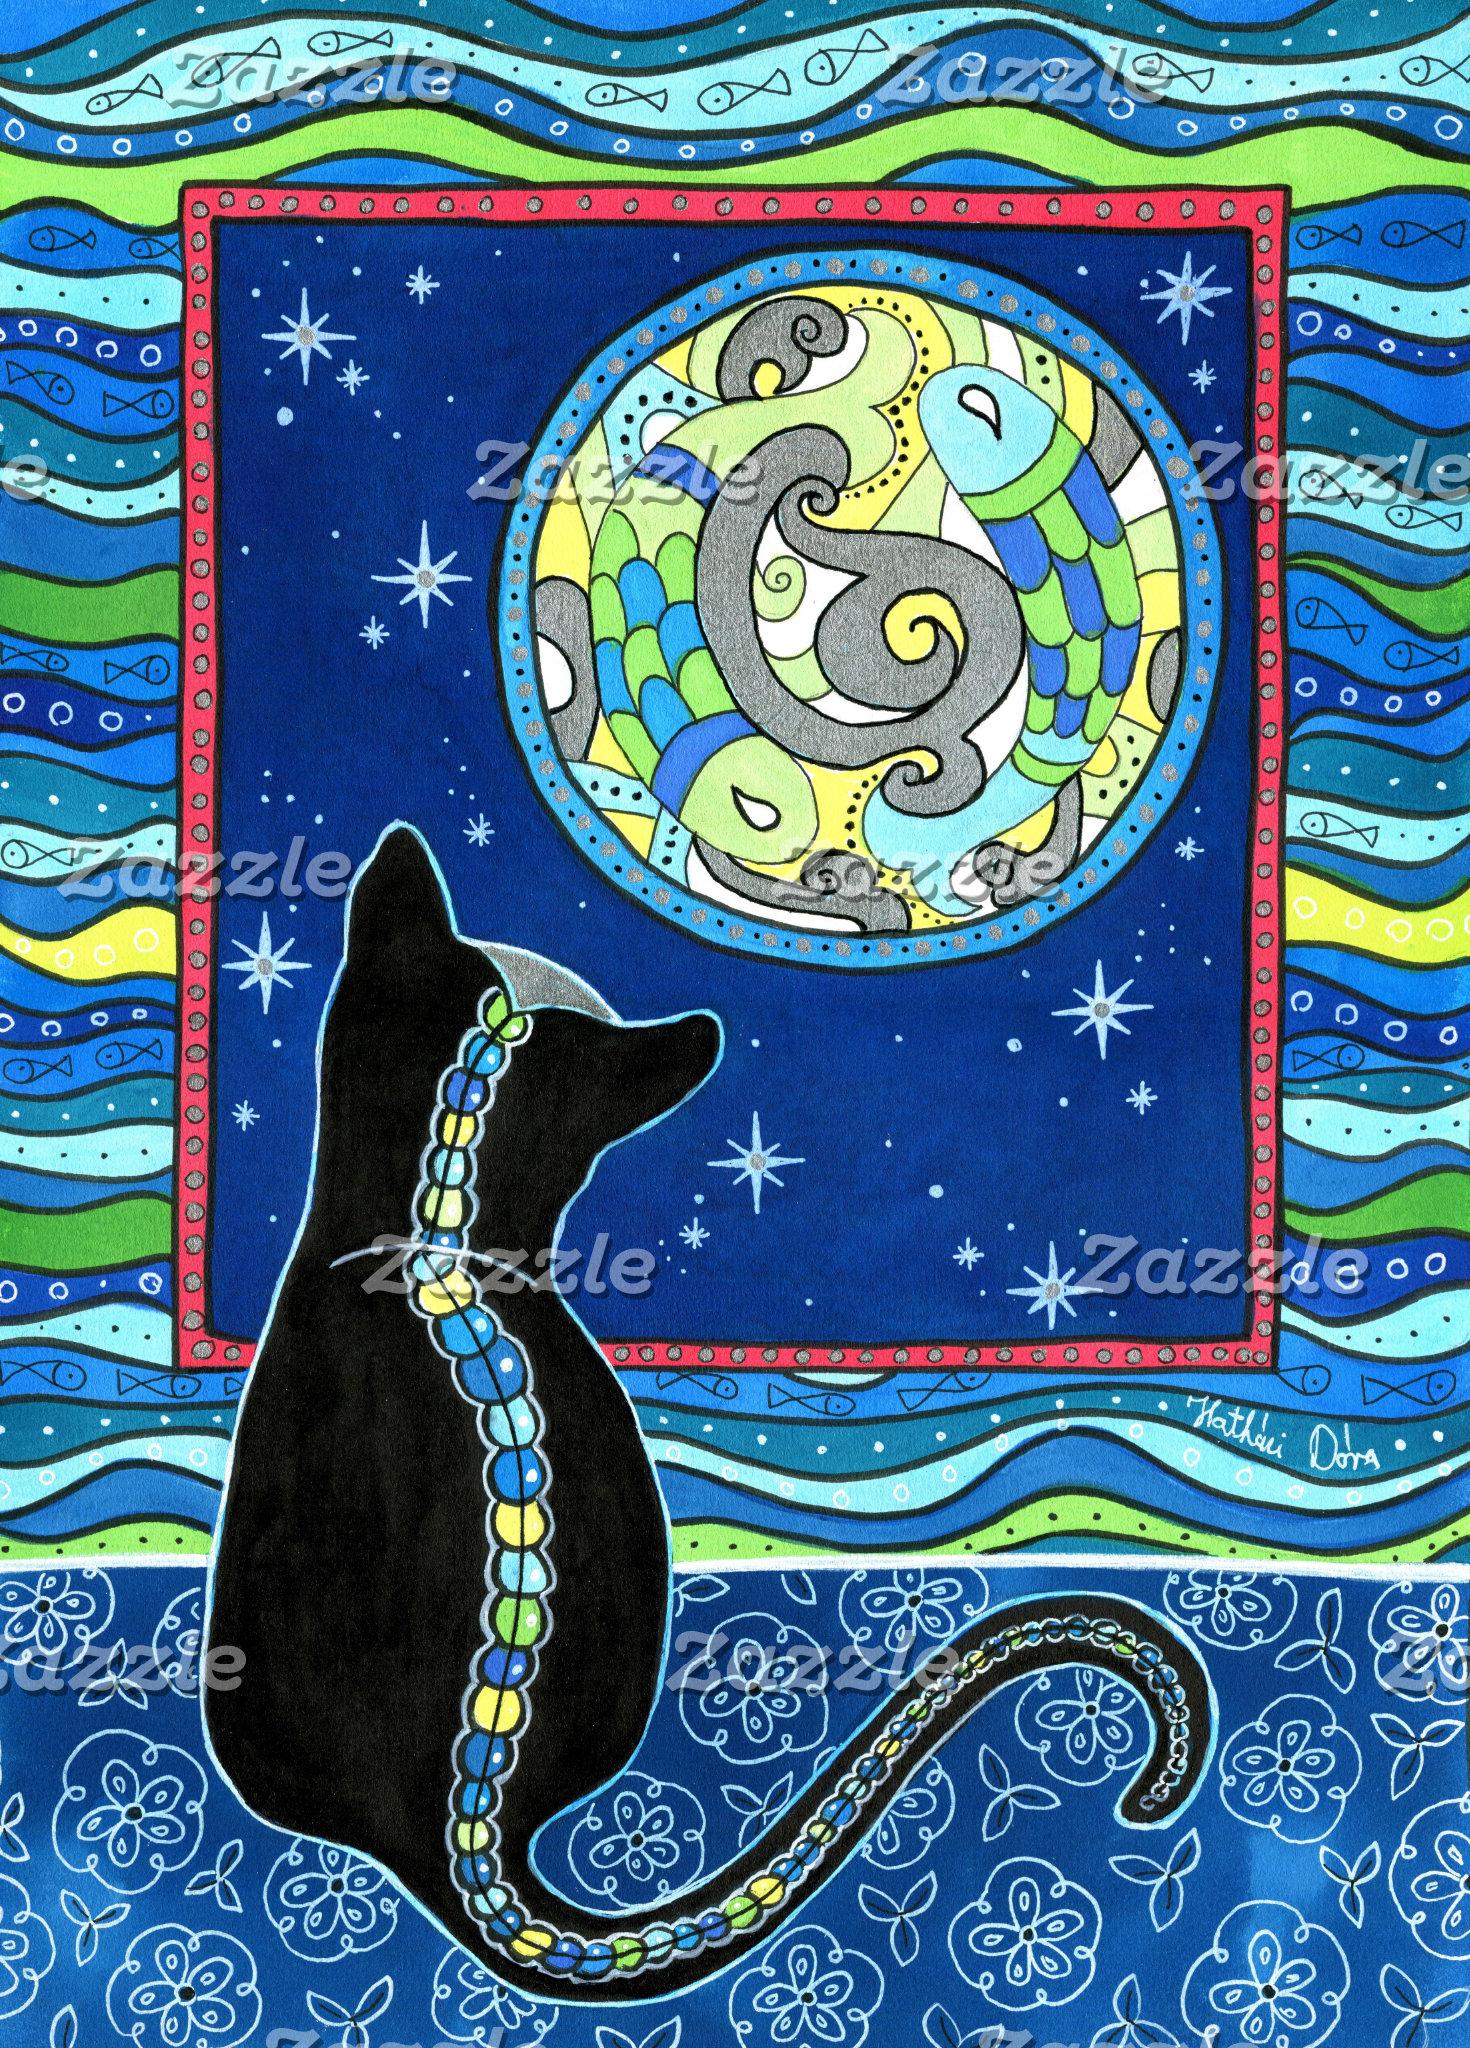 Cat Art - Full Moon